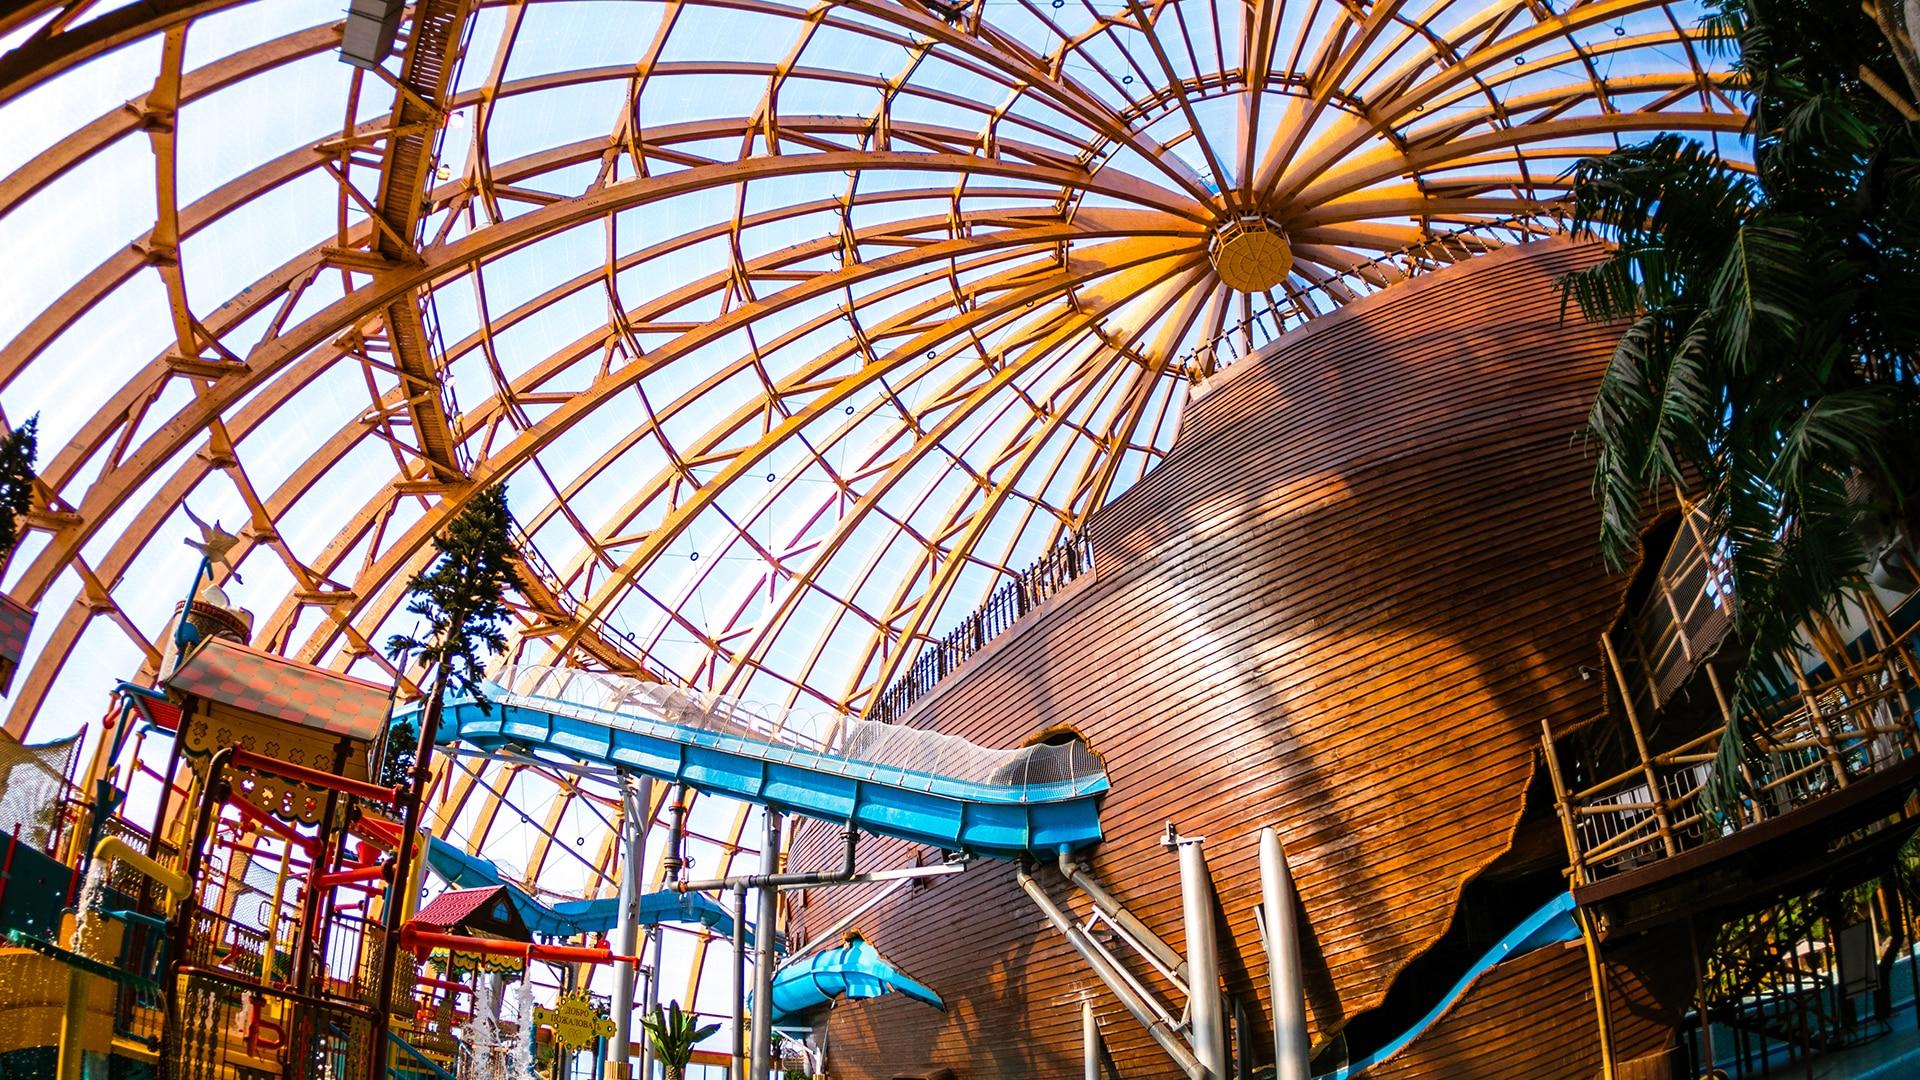 Wir haben über 8.520 m² unseres Texlon® ETFE-Systems an das Freizeitbad Piterland geliefert.